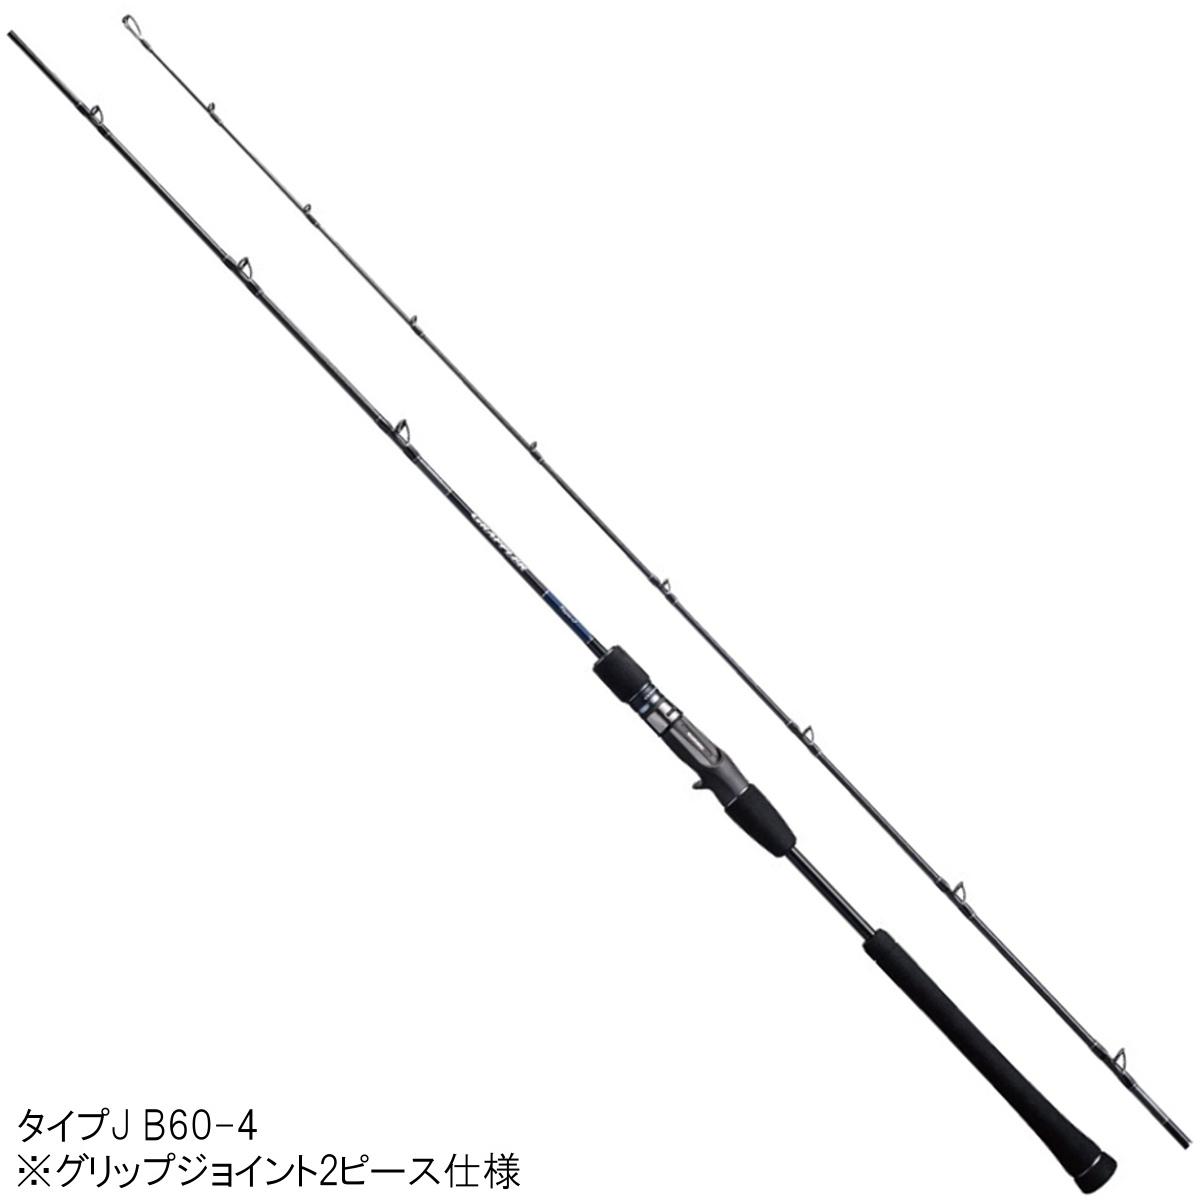 シマノ グラップラー タイプJ B60-4